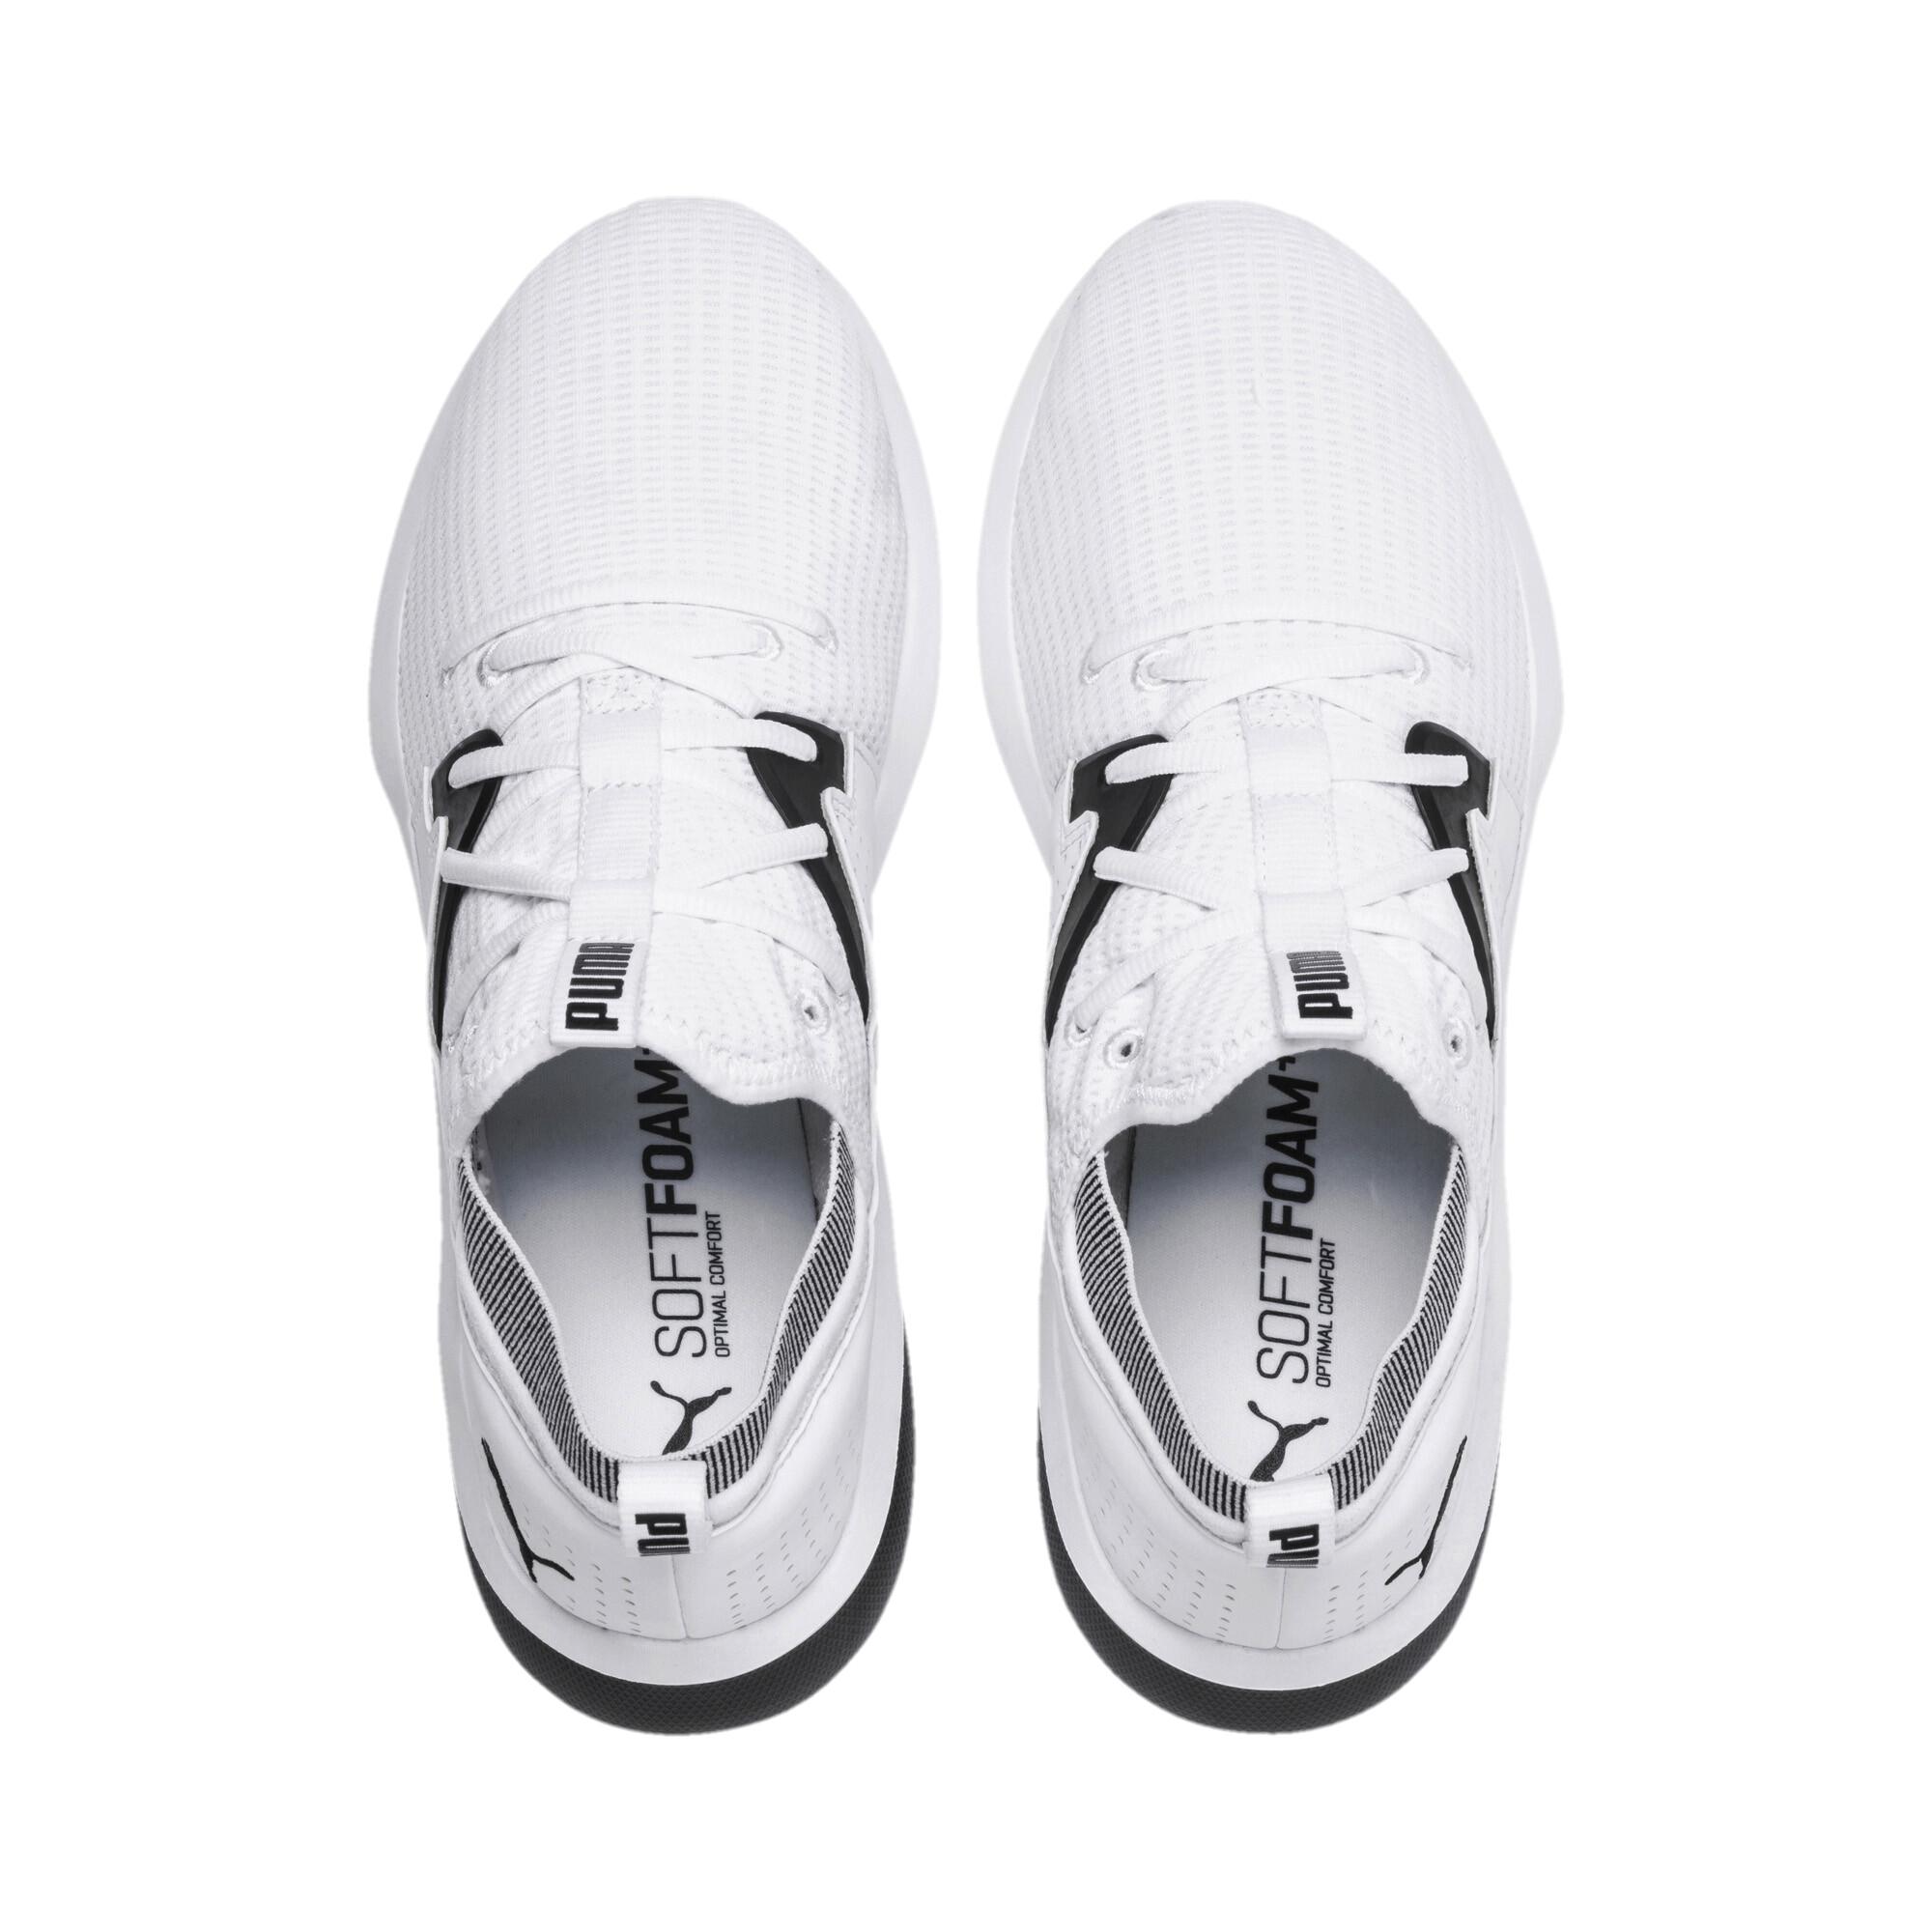 PUMA-Men-039-s-Emergence-Future-Training-Shoes thumbnail 15